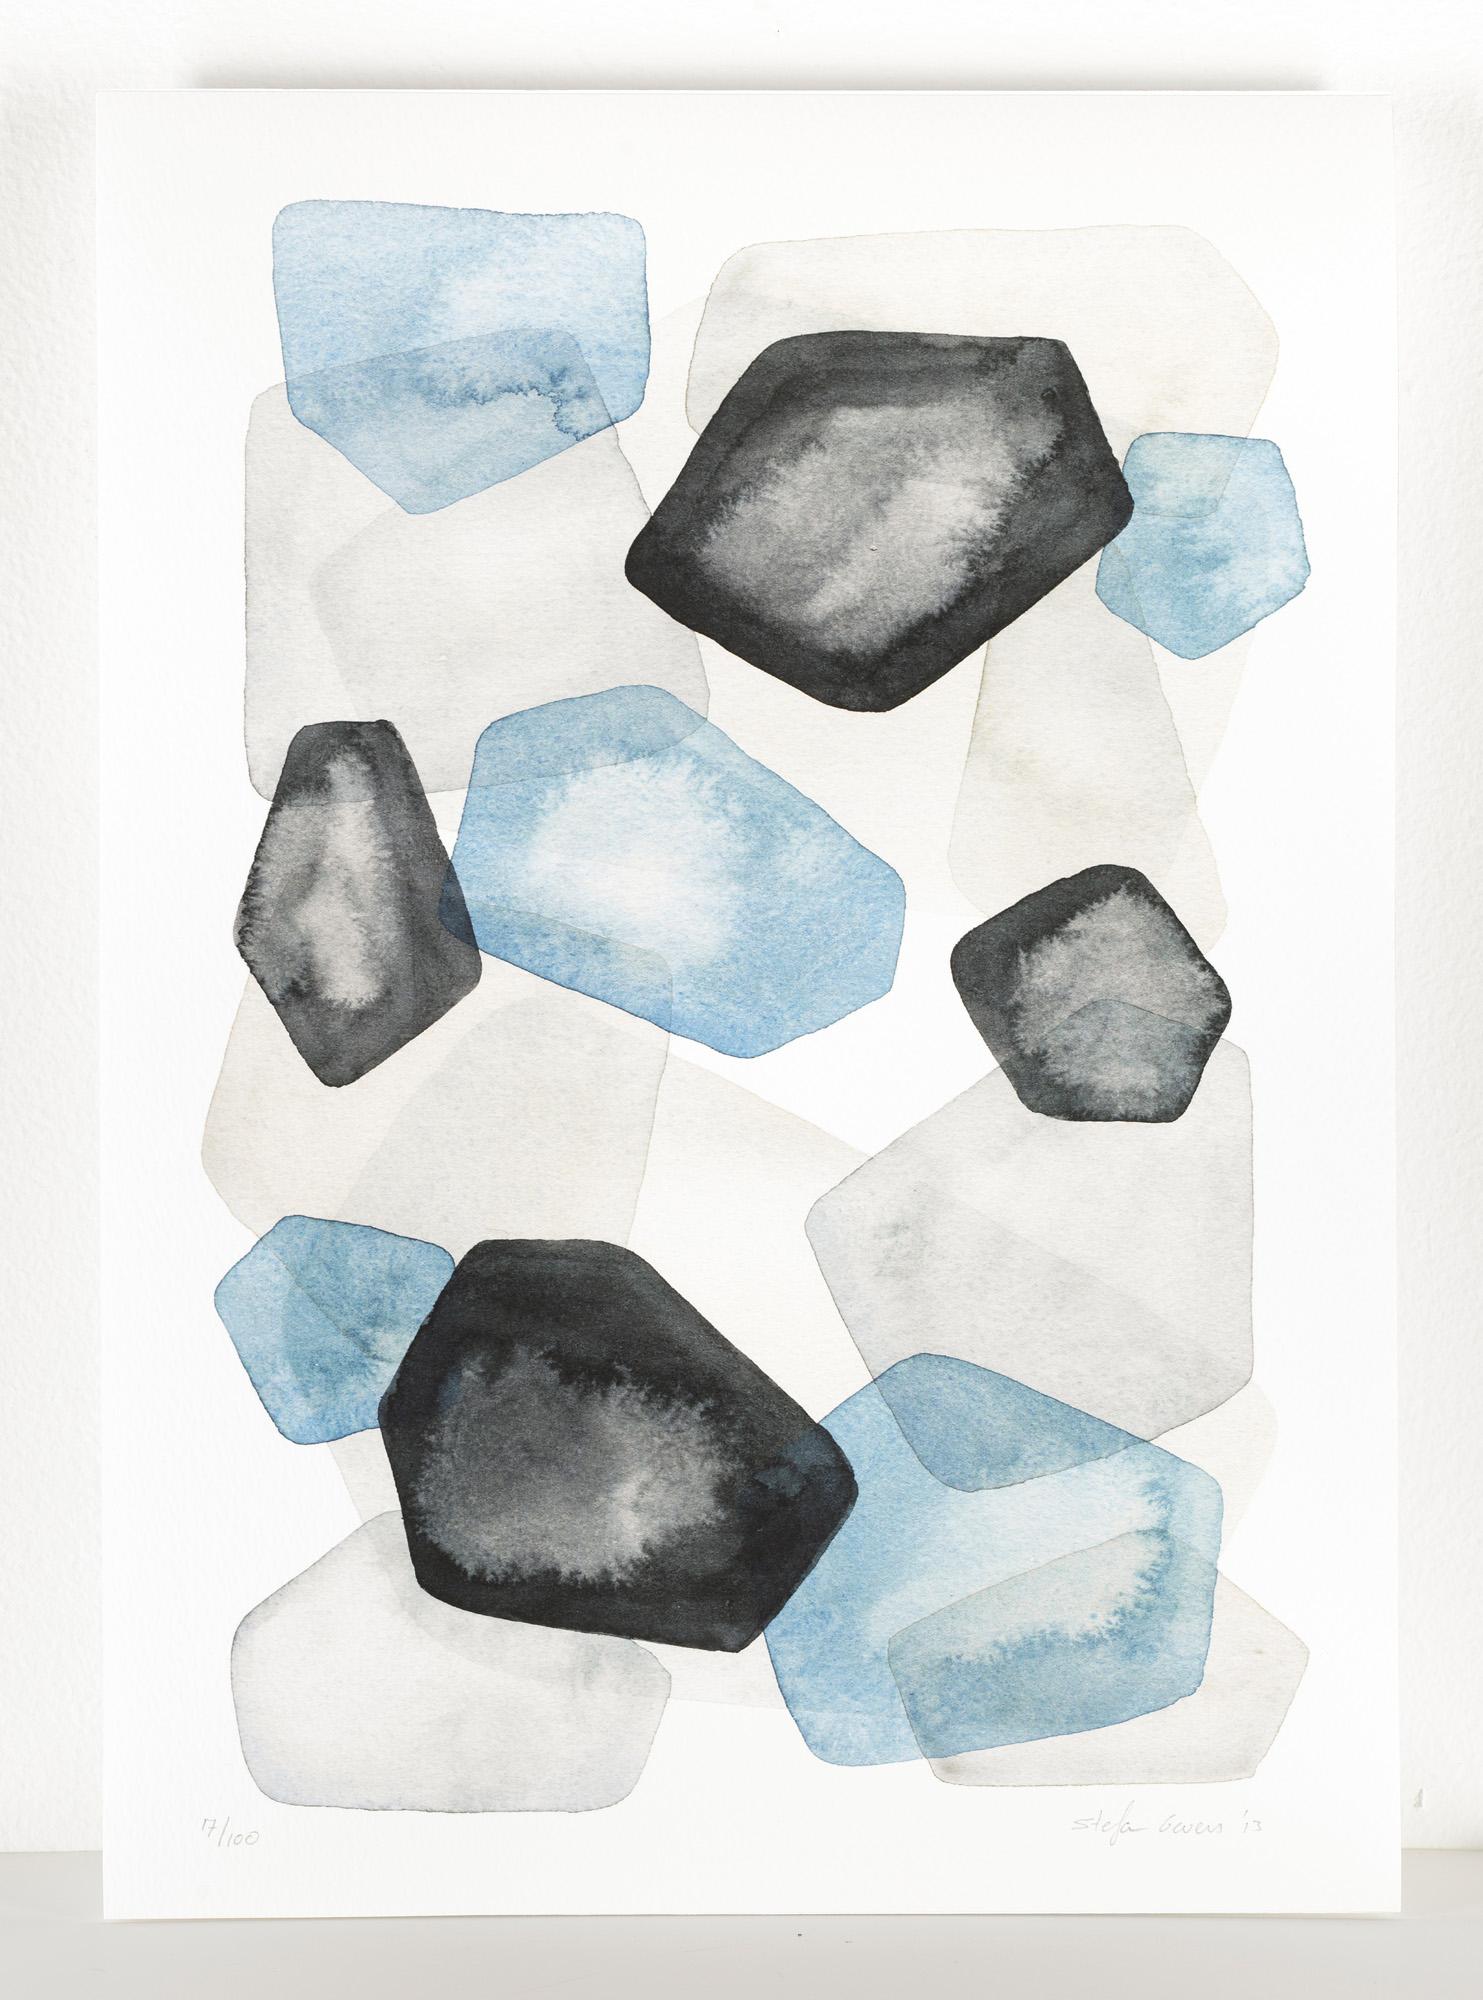 Blue pebbles